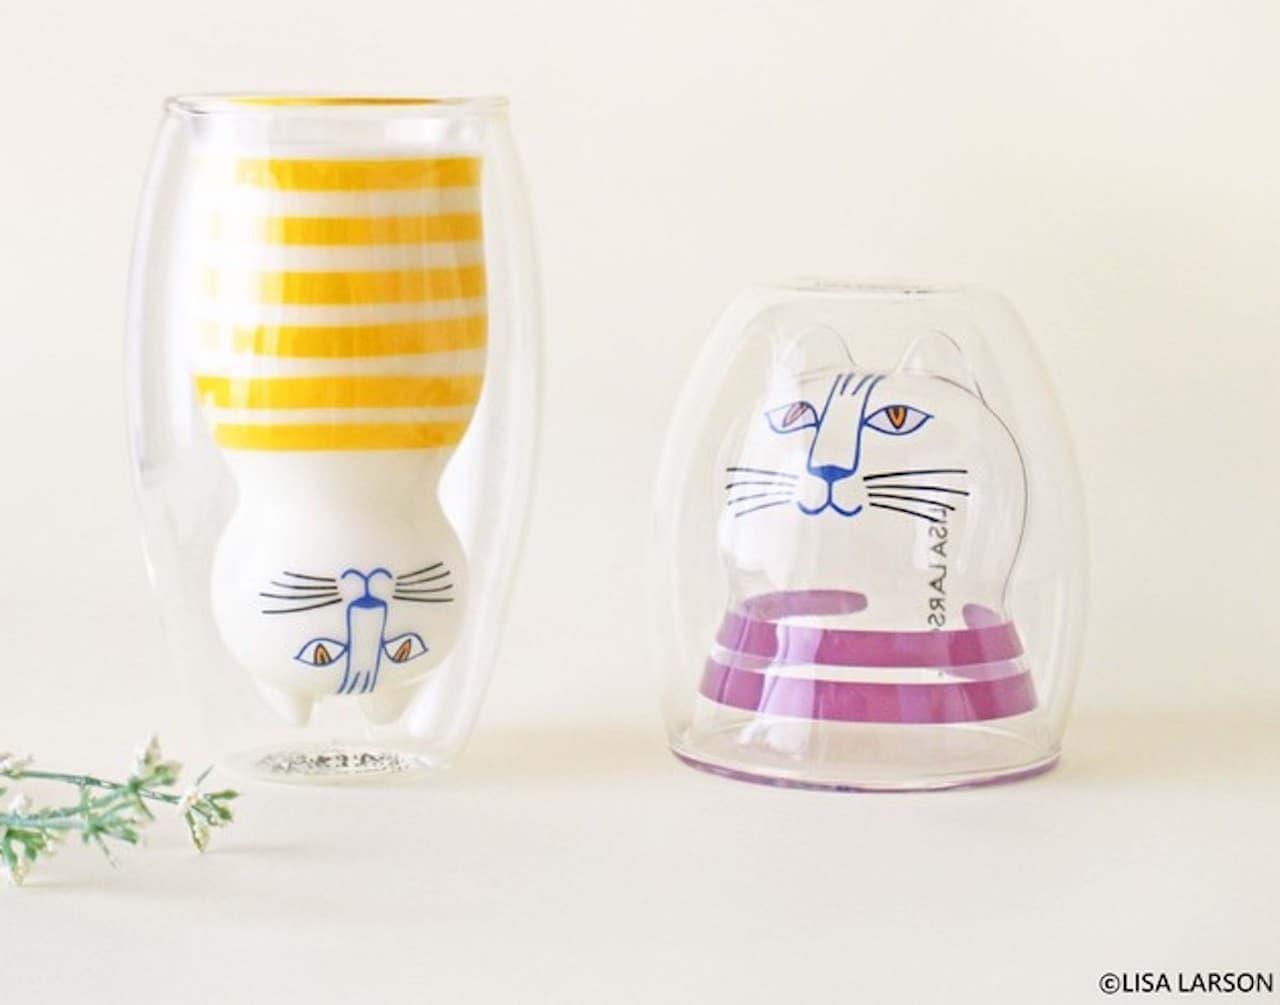 グッドグラス「リサ・ラーソンのダブルウォールグラス」